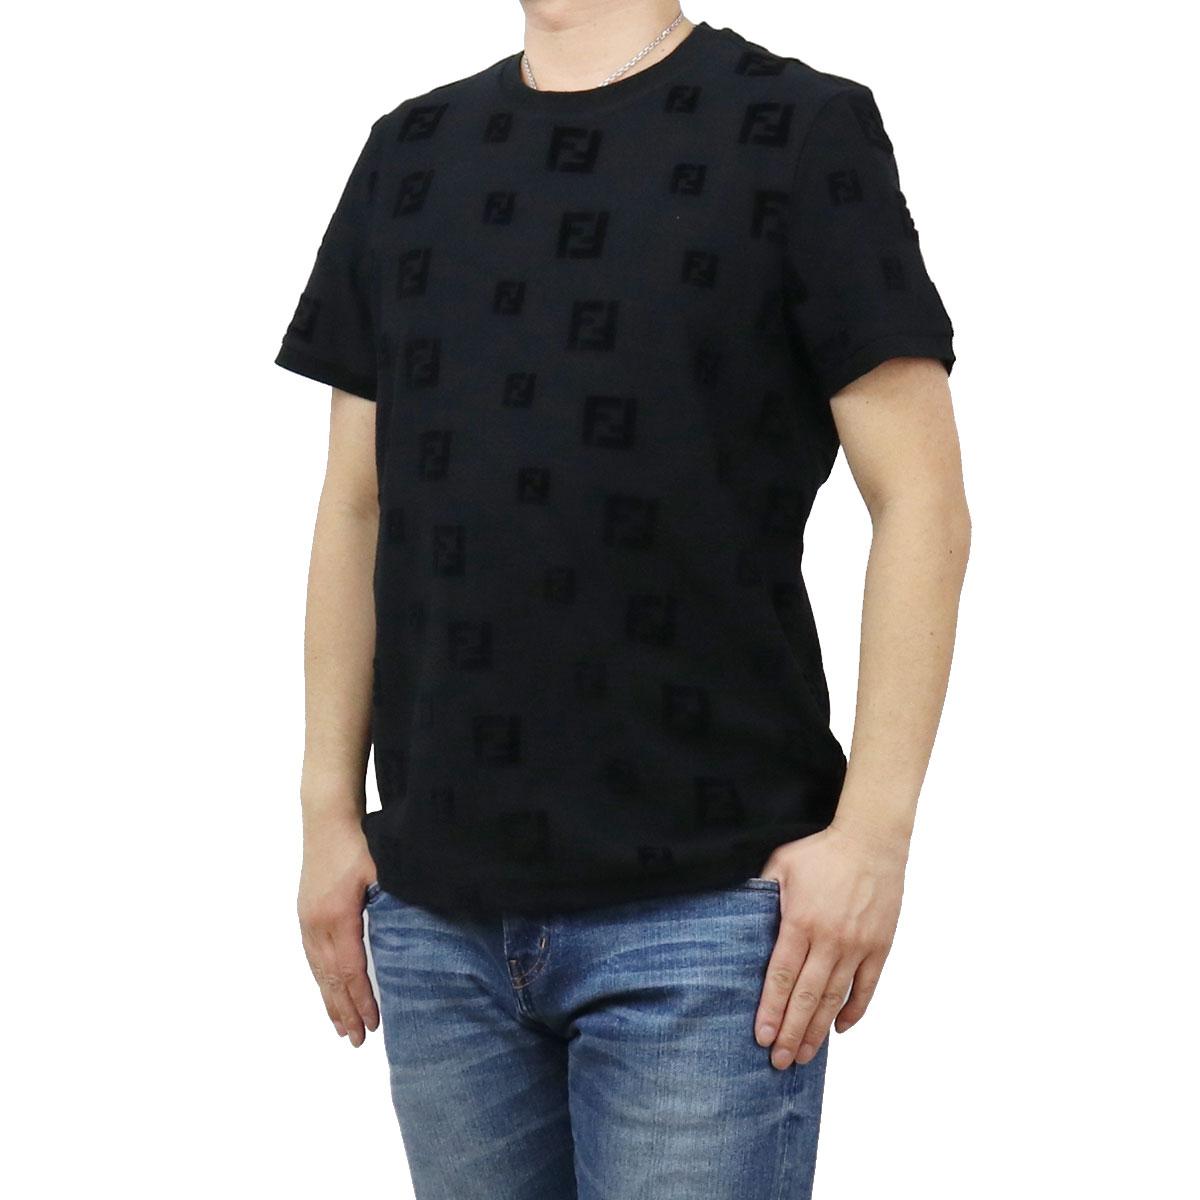 トップス, Tシャツ・カットソー  FENDI T FAF578 AE15 F0GME bos-15 apparel-01 ts-01